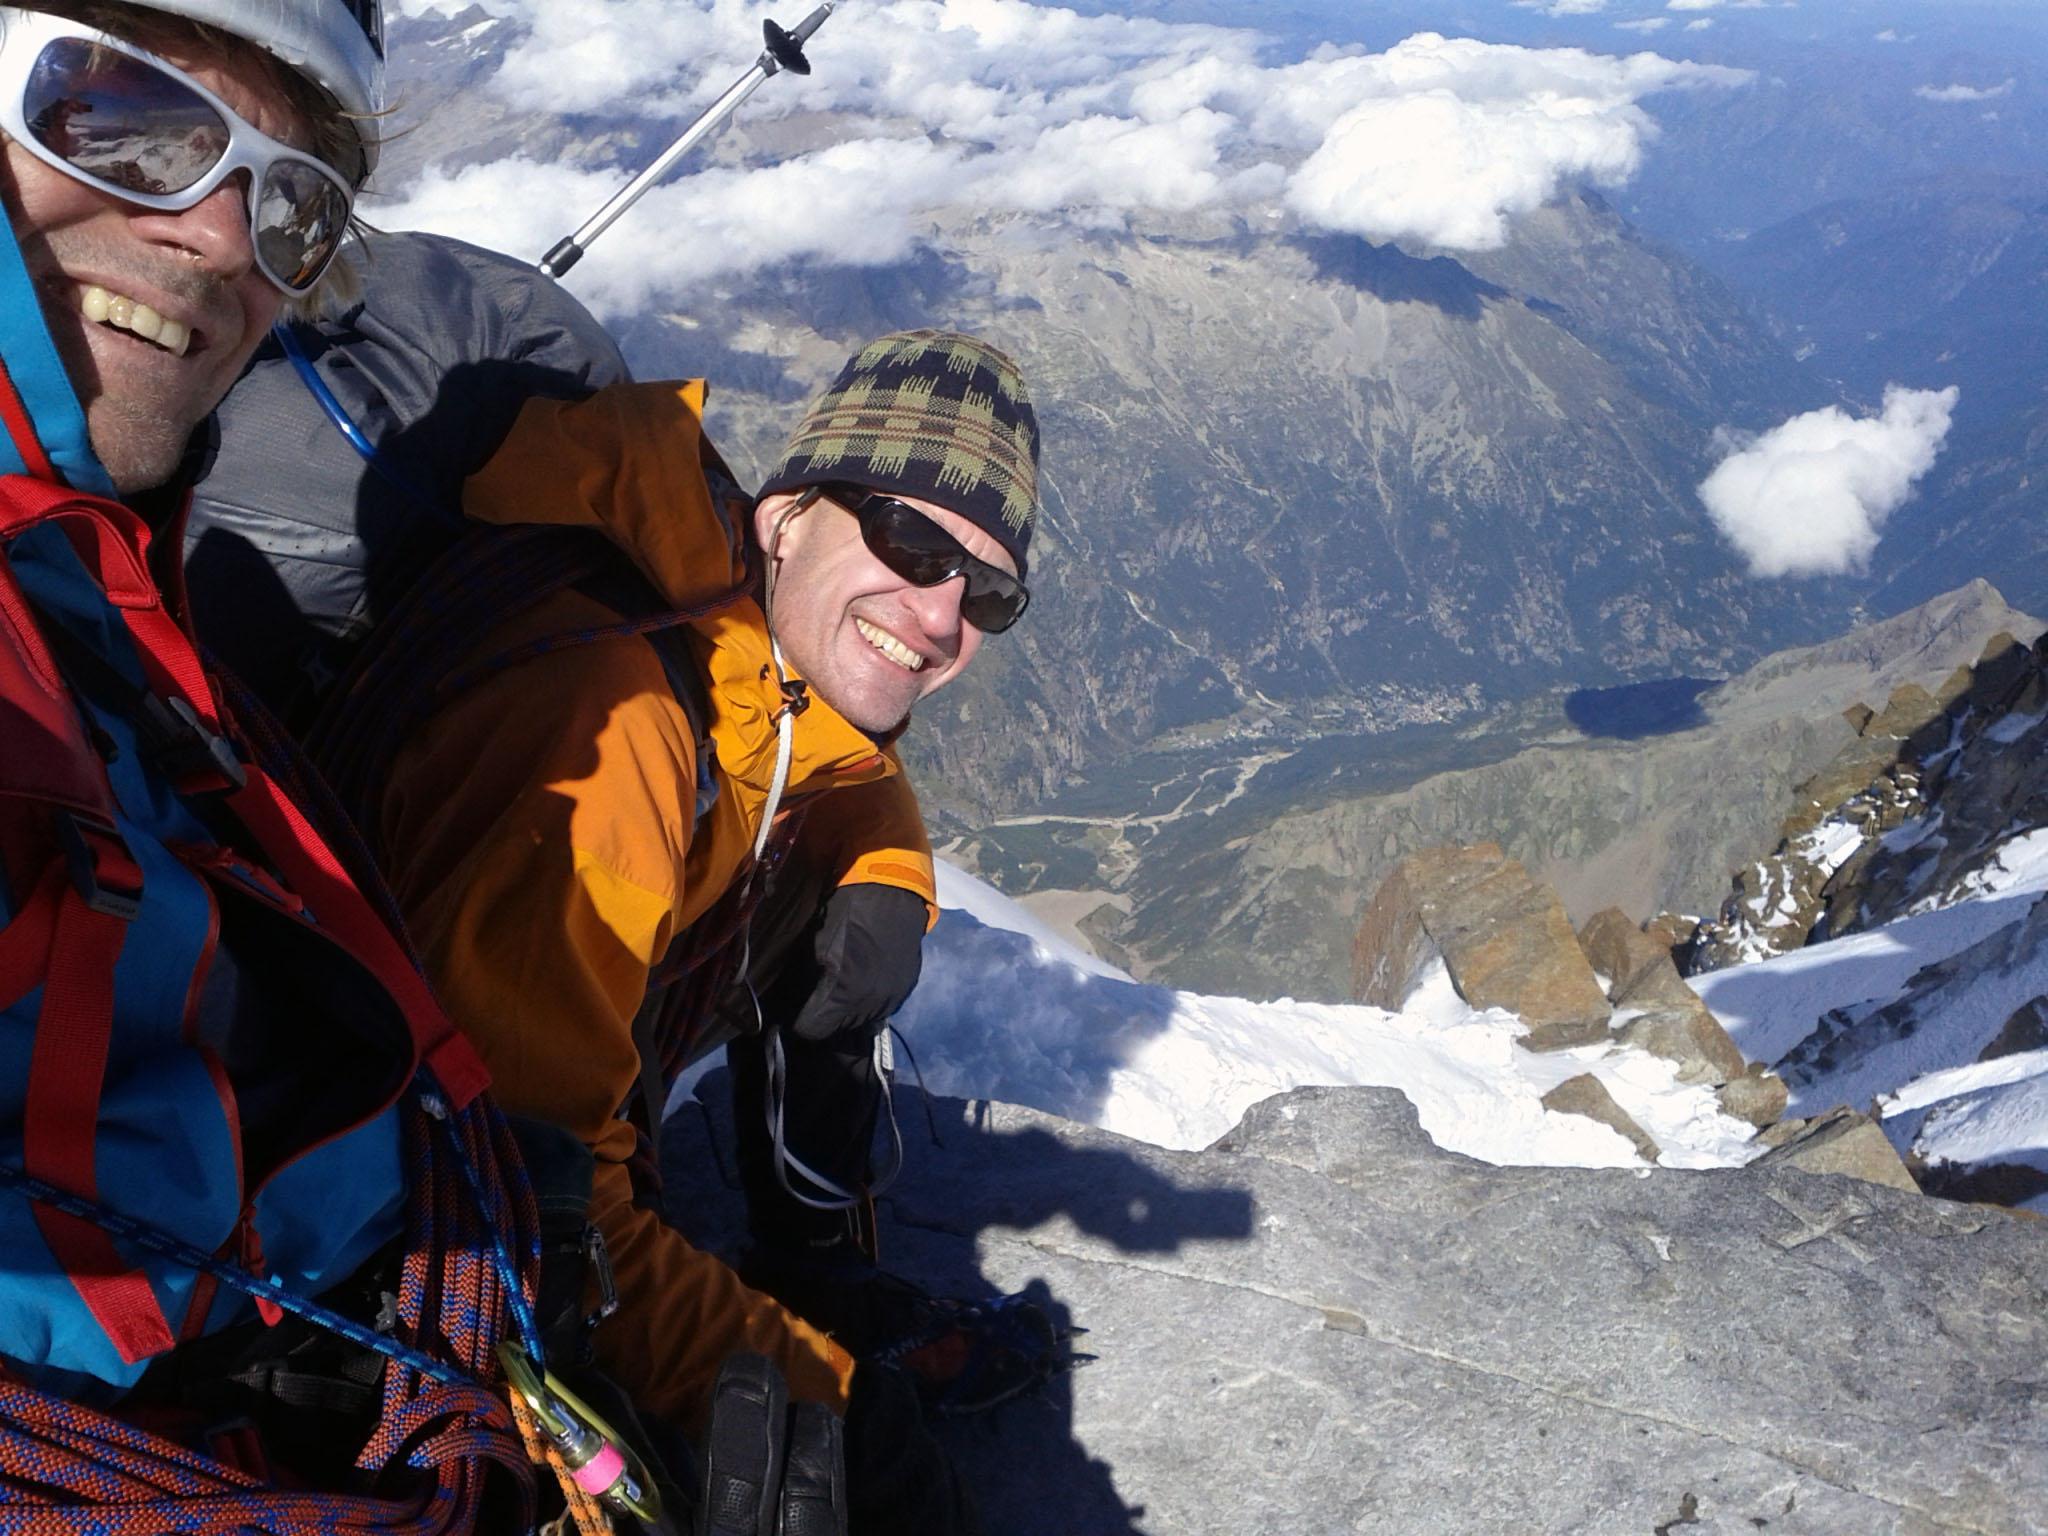 """29 de agosto de 2011: """"Os dois Johns no cume do Dufourspitze"""". (com 4.634 metros acima do nível do mar, o ponto mais elevado da Suíça)"""